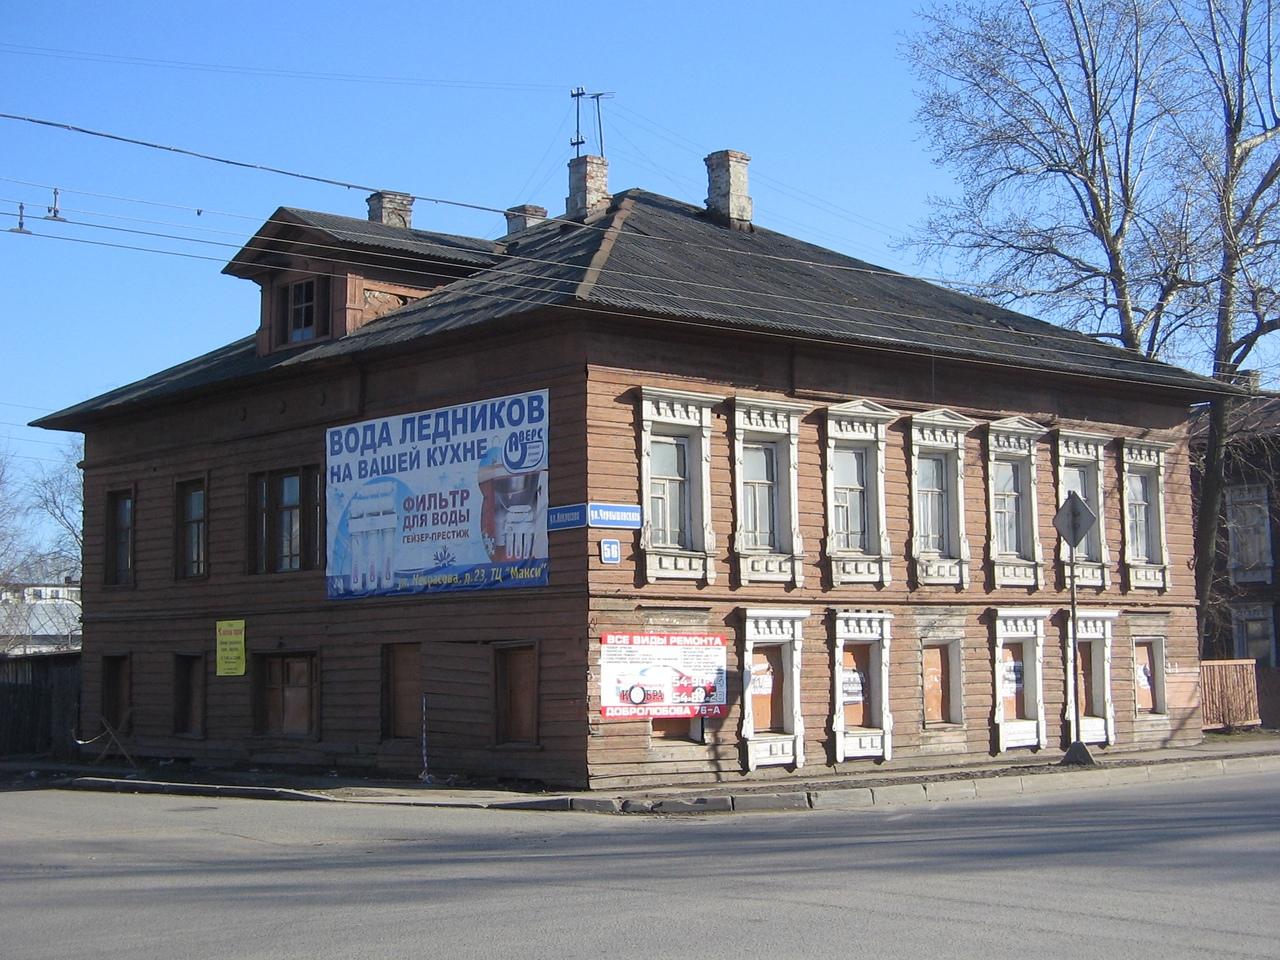 Деревянный дом XIX века на Чернышевского, 56 в Вологде признали памятником архитектуры